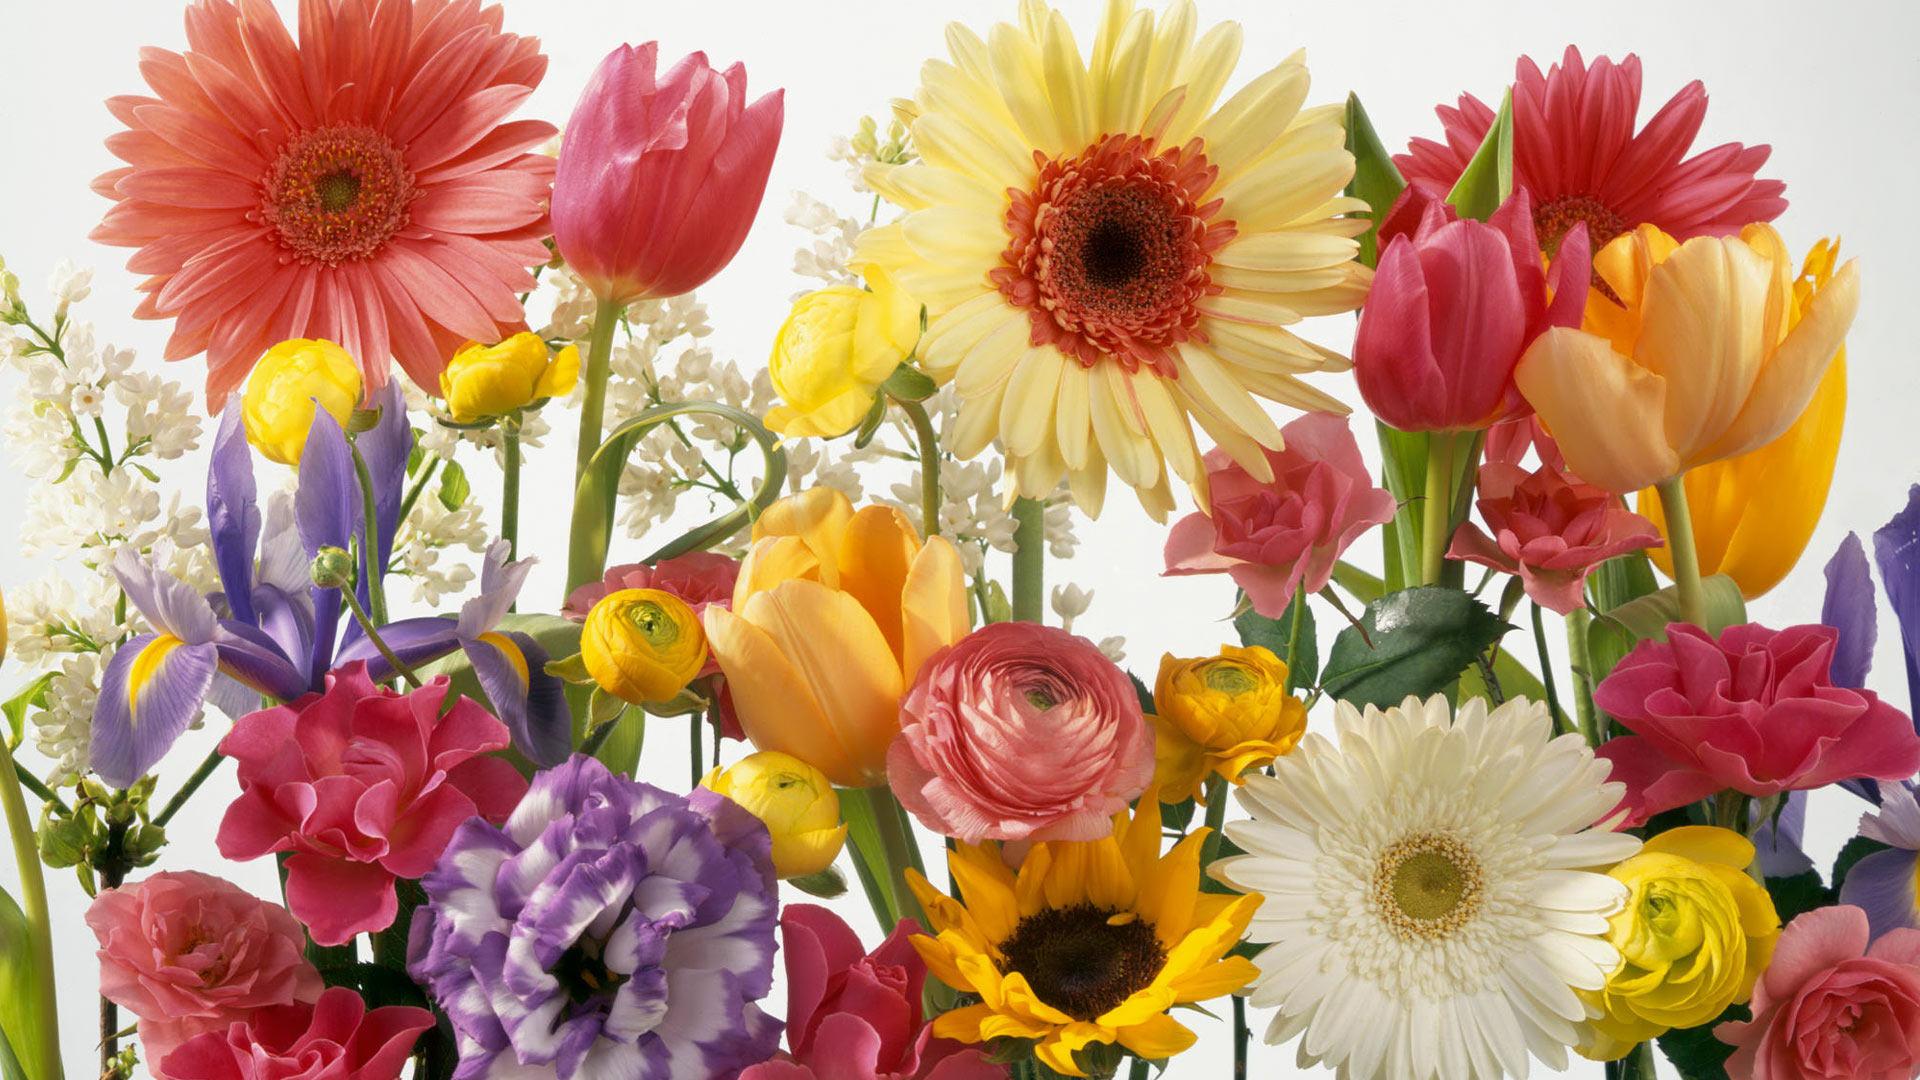 Spring Flower Desktop Background 54 Pictures